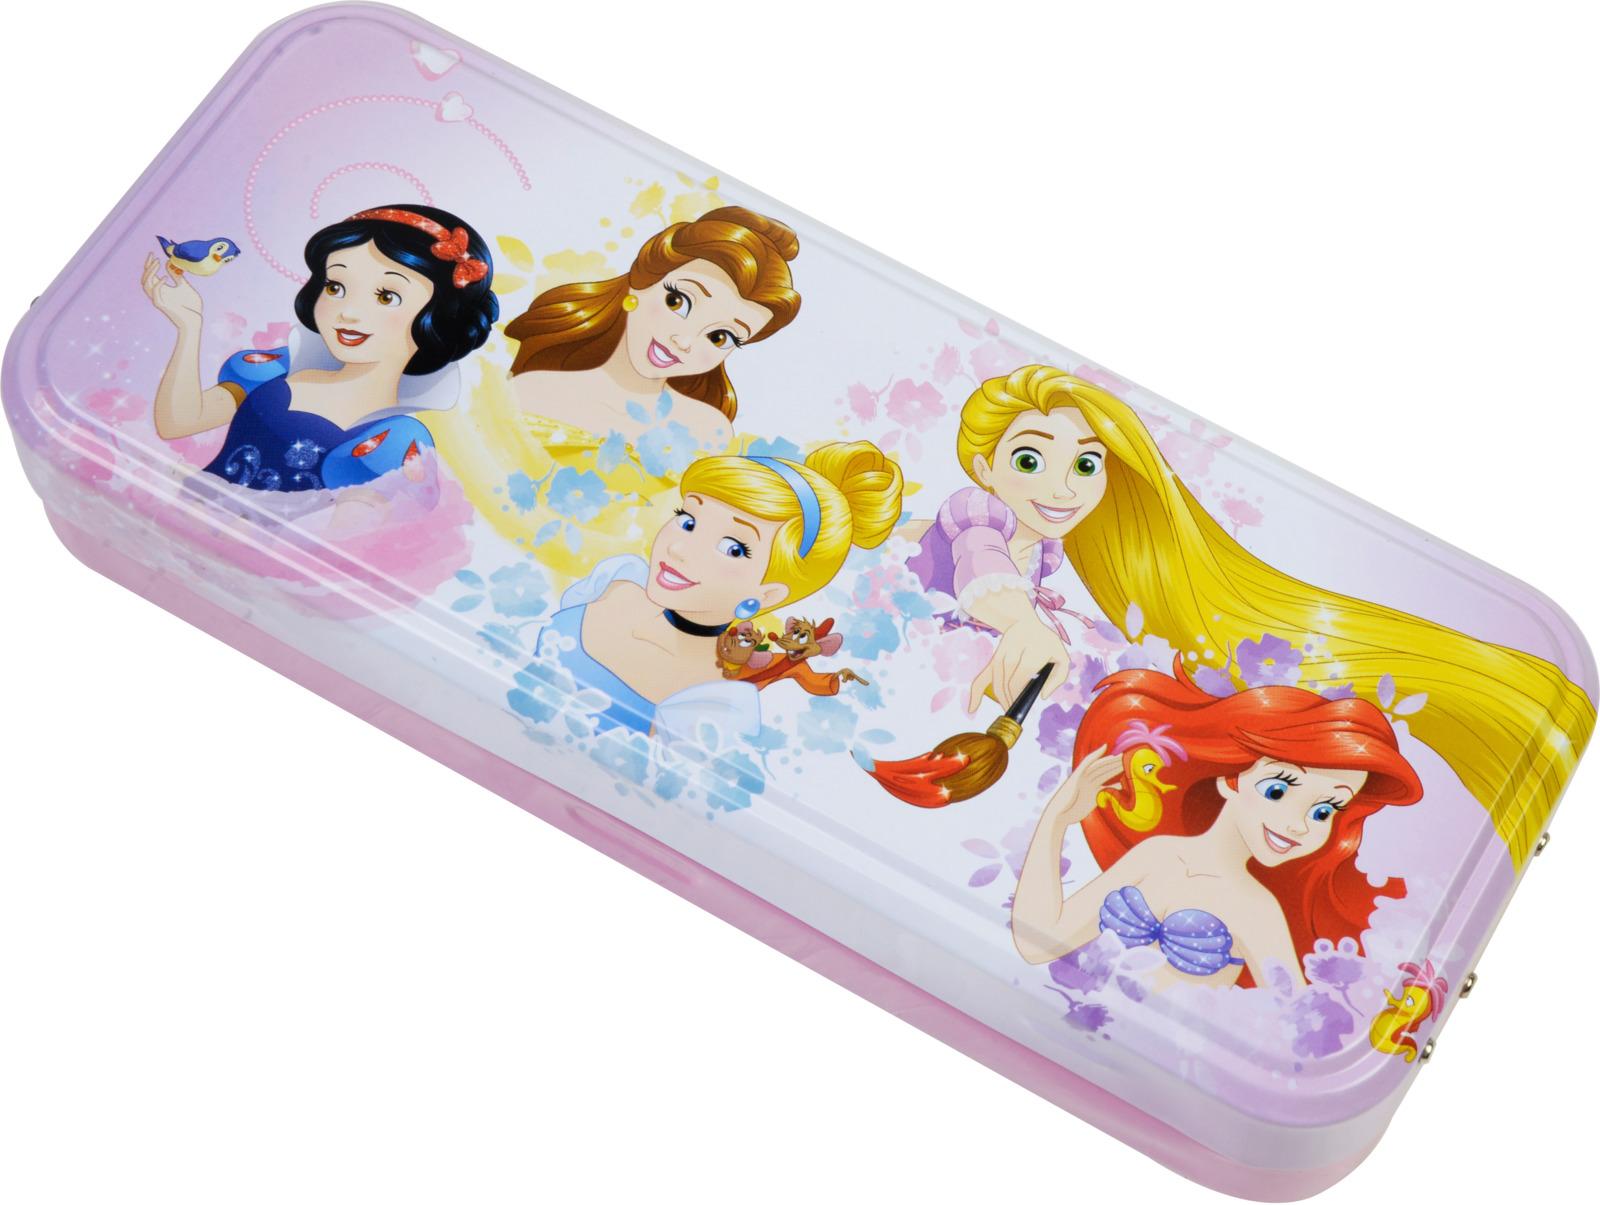 Фото - Игровой набор детской декоративной косметики Markwins Princess. 9801251 игровой набор детской декоративной косметики markwins princess 9801251